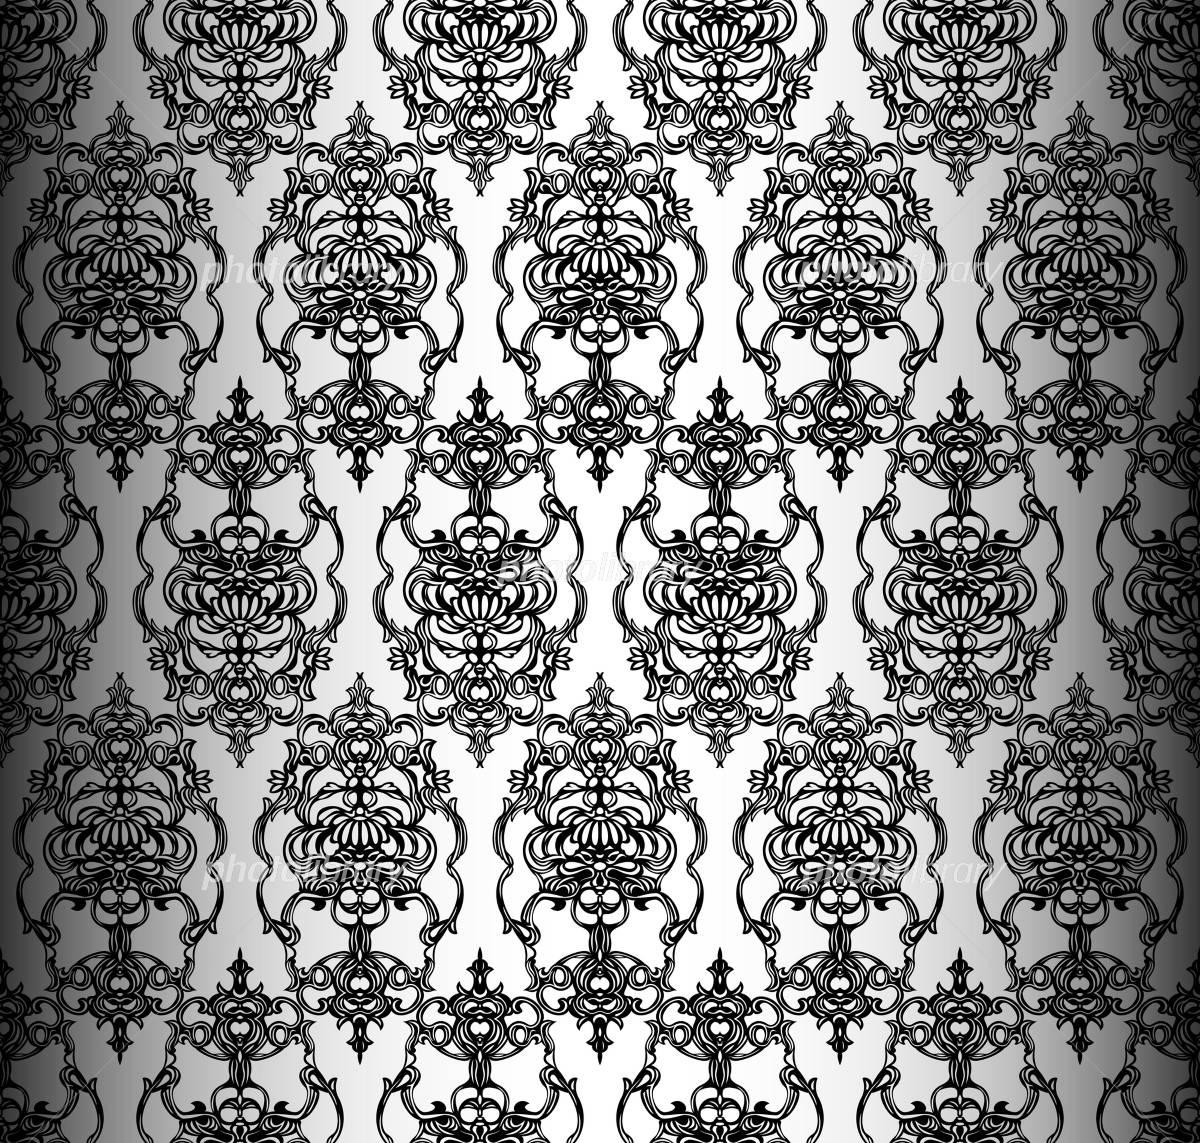 ゴシック調 壁紙 シームレス イラスト素材 1750342 フォトライブ